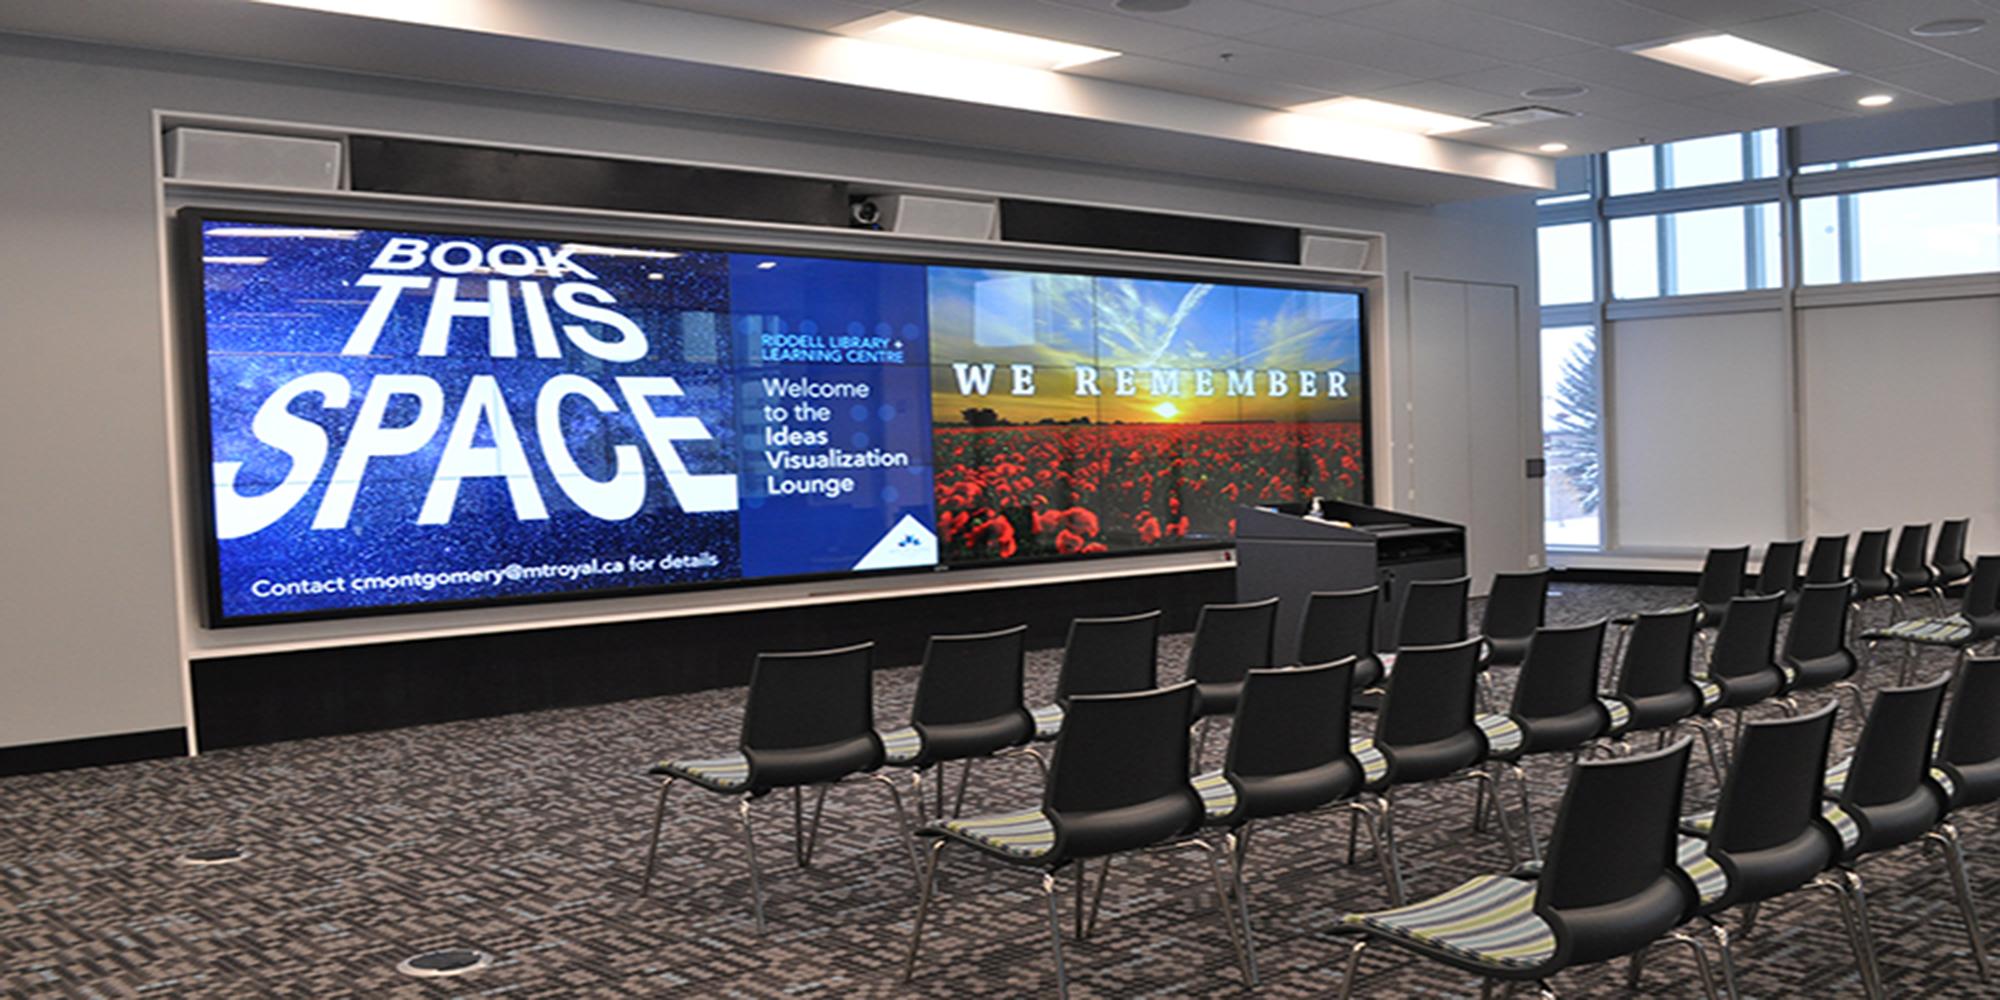 Atrium Cafe Wellness Center Clinton Nj